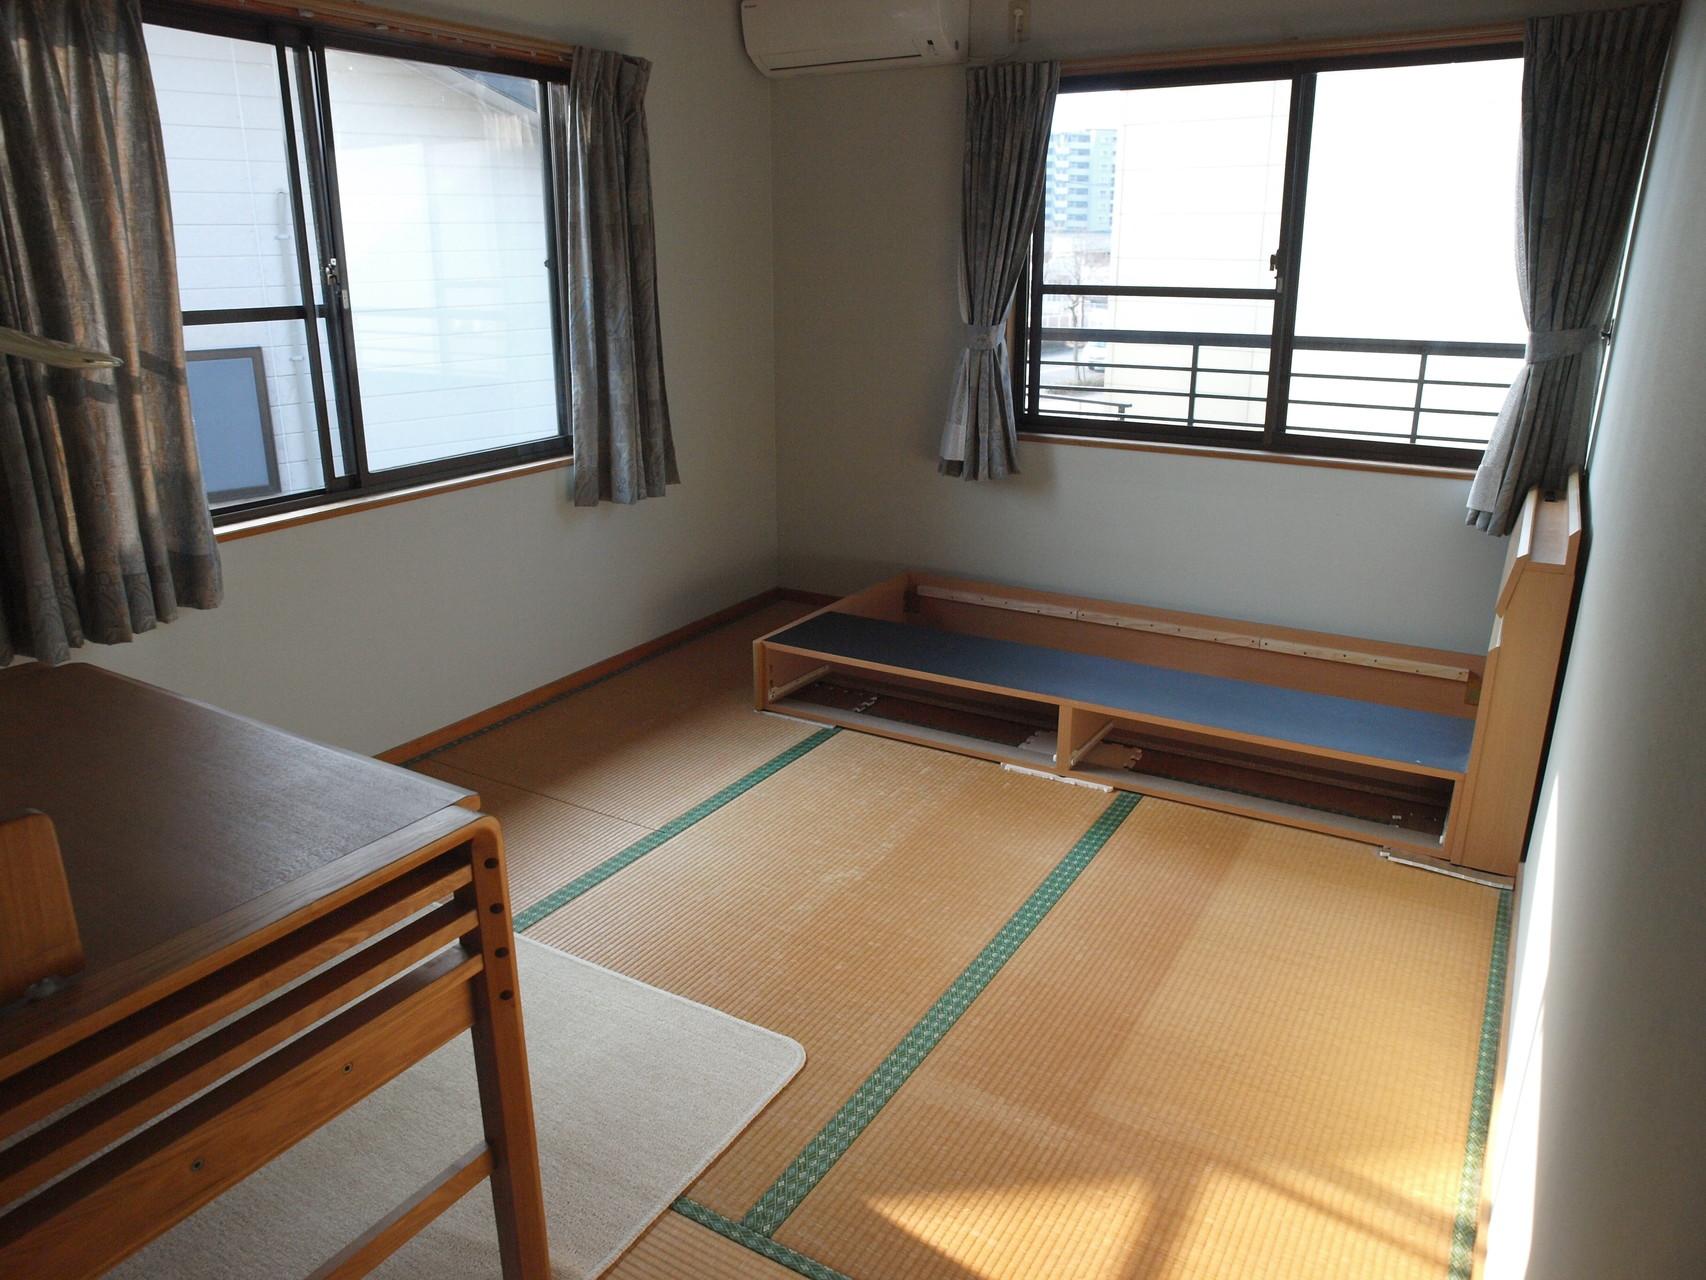 畳の子供部屋。フローリングも考えられたそうですが…